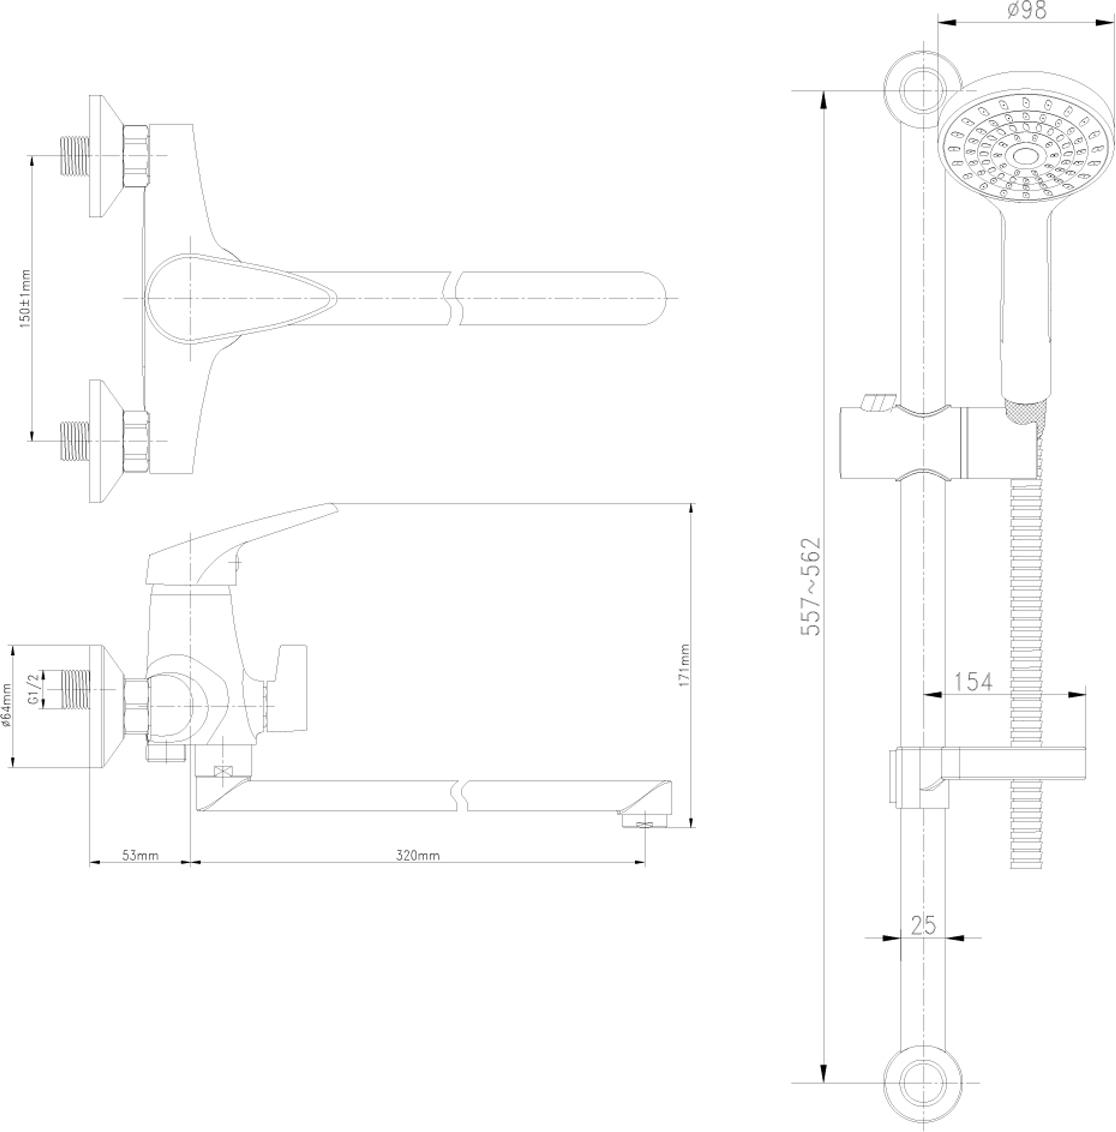 Смесители LEMARK рассчитаны на 30 лет комфортной эксплуатации.В них соединены  современные технологии производства и продуманный конструктив. Установлены  комплектующие от известных мировых производителей, являющихся лидерами в своих  сегментах: немецкие аэраторы Neoperl - устройства, регулирующие расход воды;  керамические картриджи и кран-буксы испанской фирмы Sedal.Вся продукция  LEMARK устанавливается не только в частном секторе, но и с успехом эксплуатируется в  офисах Hewlett-Packard, Walt Disney Studios Sony Pictures Releasing, Mail.ru Group, а также в  новом терминале аэропорта «Толмачево» в Новосибирске.Сегодня на смесители  LEMARK установлен беспрецедентный 10-летний период бесплатного сервисного  обслуживания. Данное условие действует, даже если монтаж изделий производится  покупателями самостоятельно.Сервисная сеть насчитывает 90 гарантийных мастерских  по России и странам СНГ. Смеситель универсальный с плоским поворотным изливом 350 мм. аэратор  керамический картридж 35 мм переключатель с керамическими пластинами  металлическая рукояткаДушевой гарнитур. стойка для душа. Высота - 595 мм 1-функциональная лейка O98 мм. Режим: распыление регулируемое по высоте  крепление для лейки душевой шланг 1,5 м (стальной, оплетка с двойным загибом)  регулируемая по высоте мыльница.